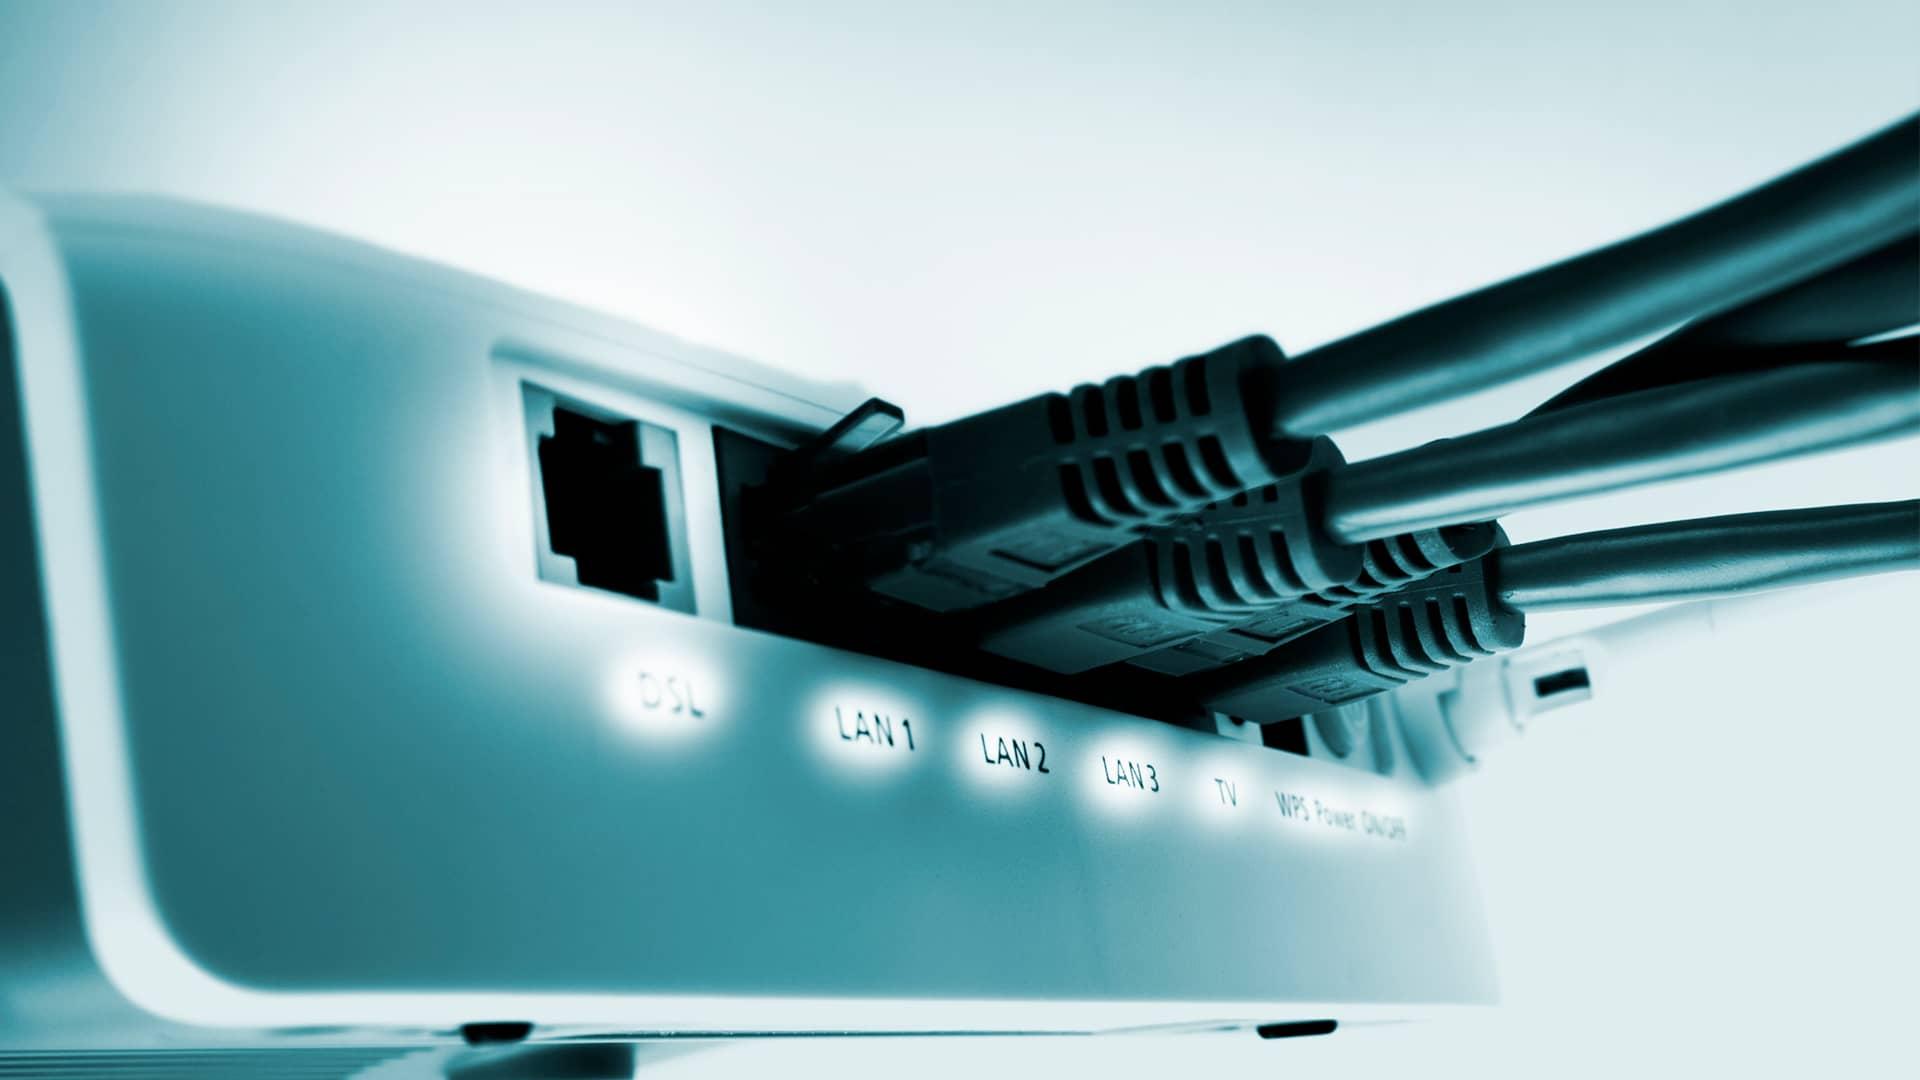 Módem 4G: internet portátil para estar siempre conectado